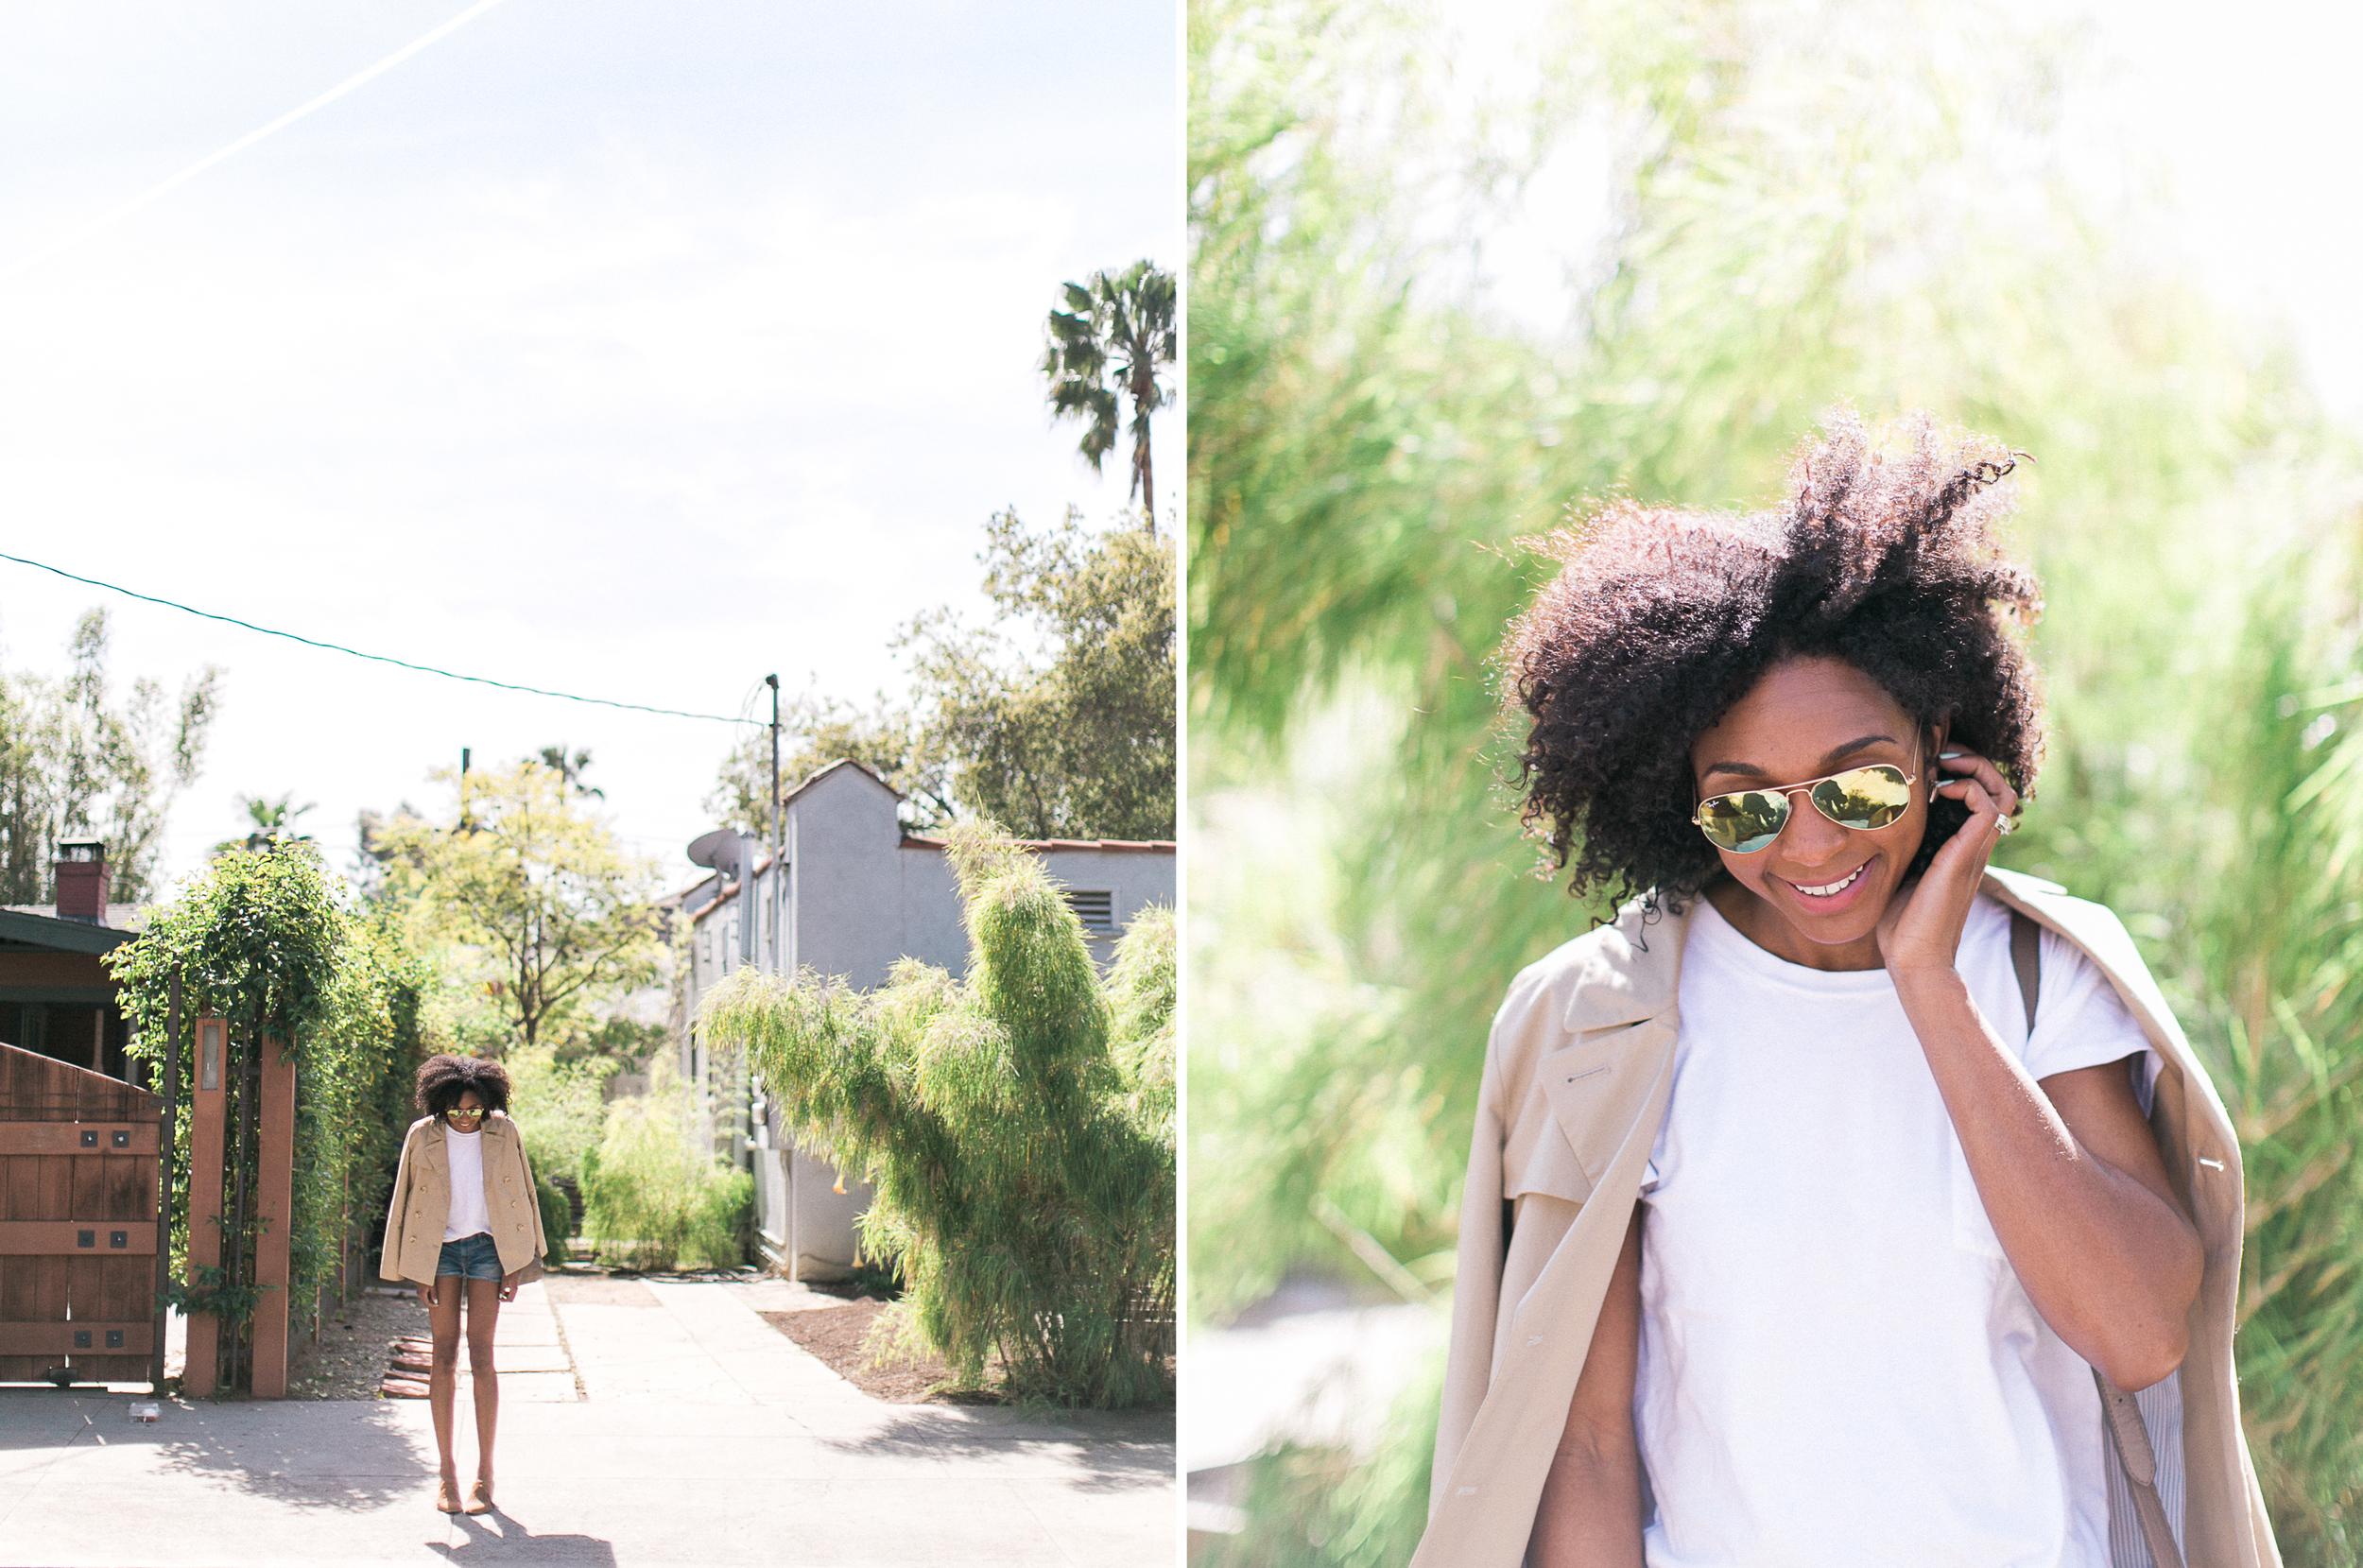 J. Lee Photos Los Angeles